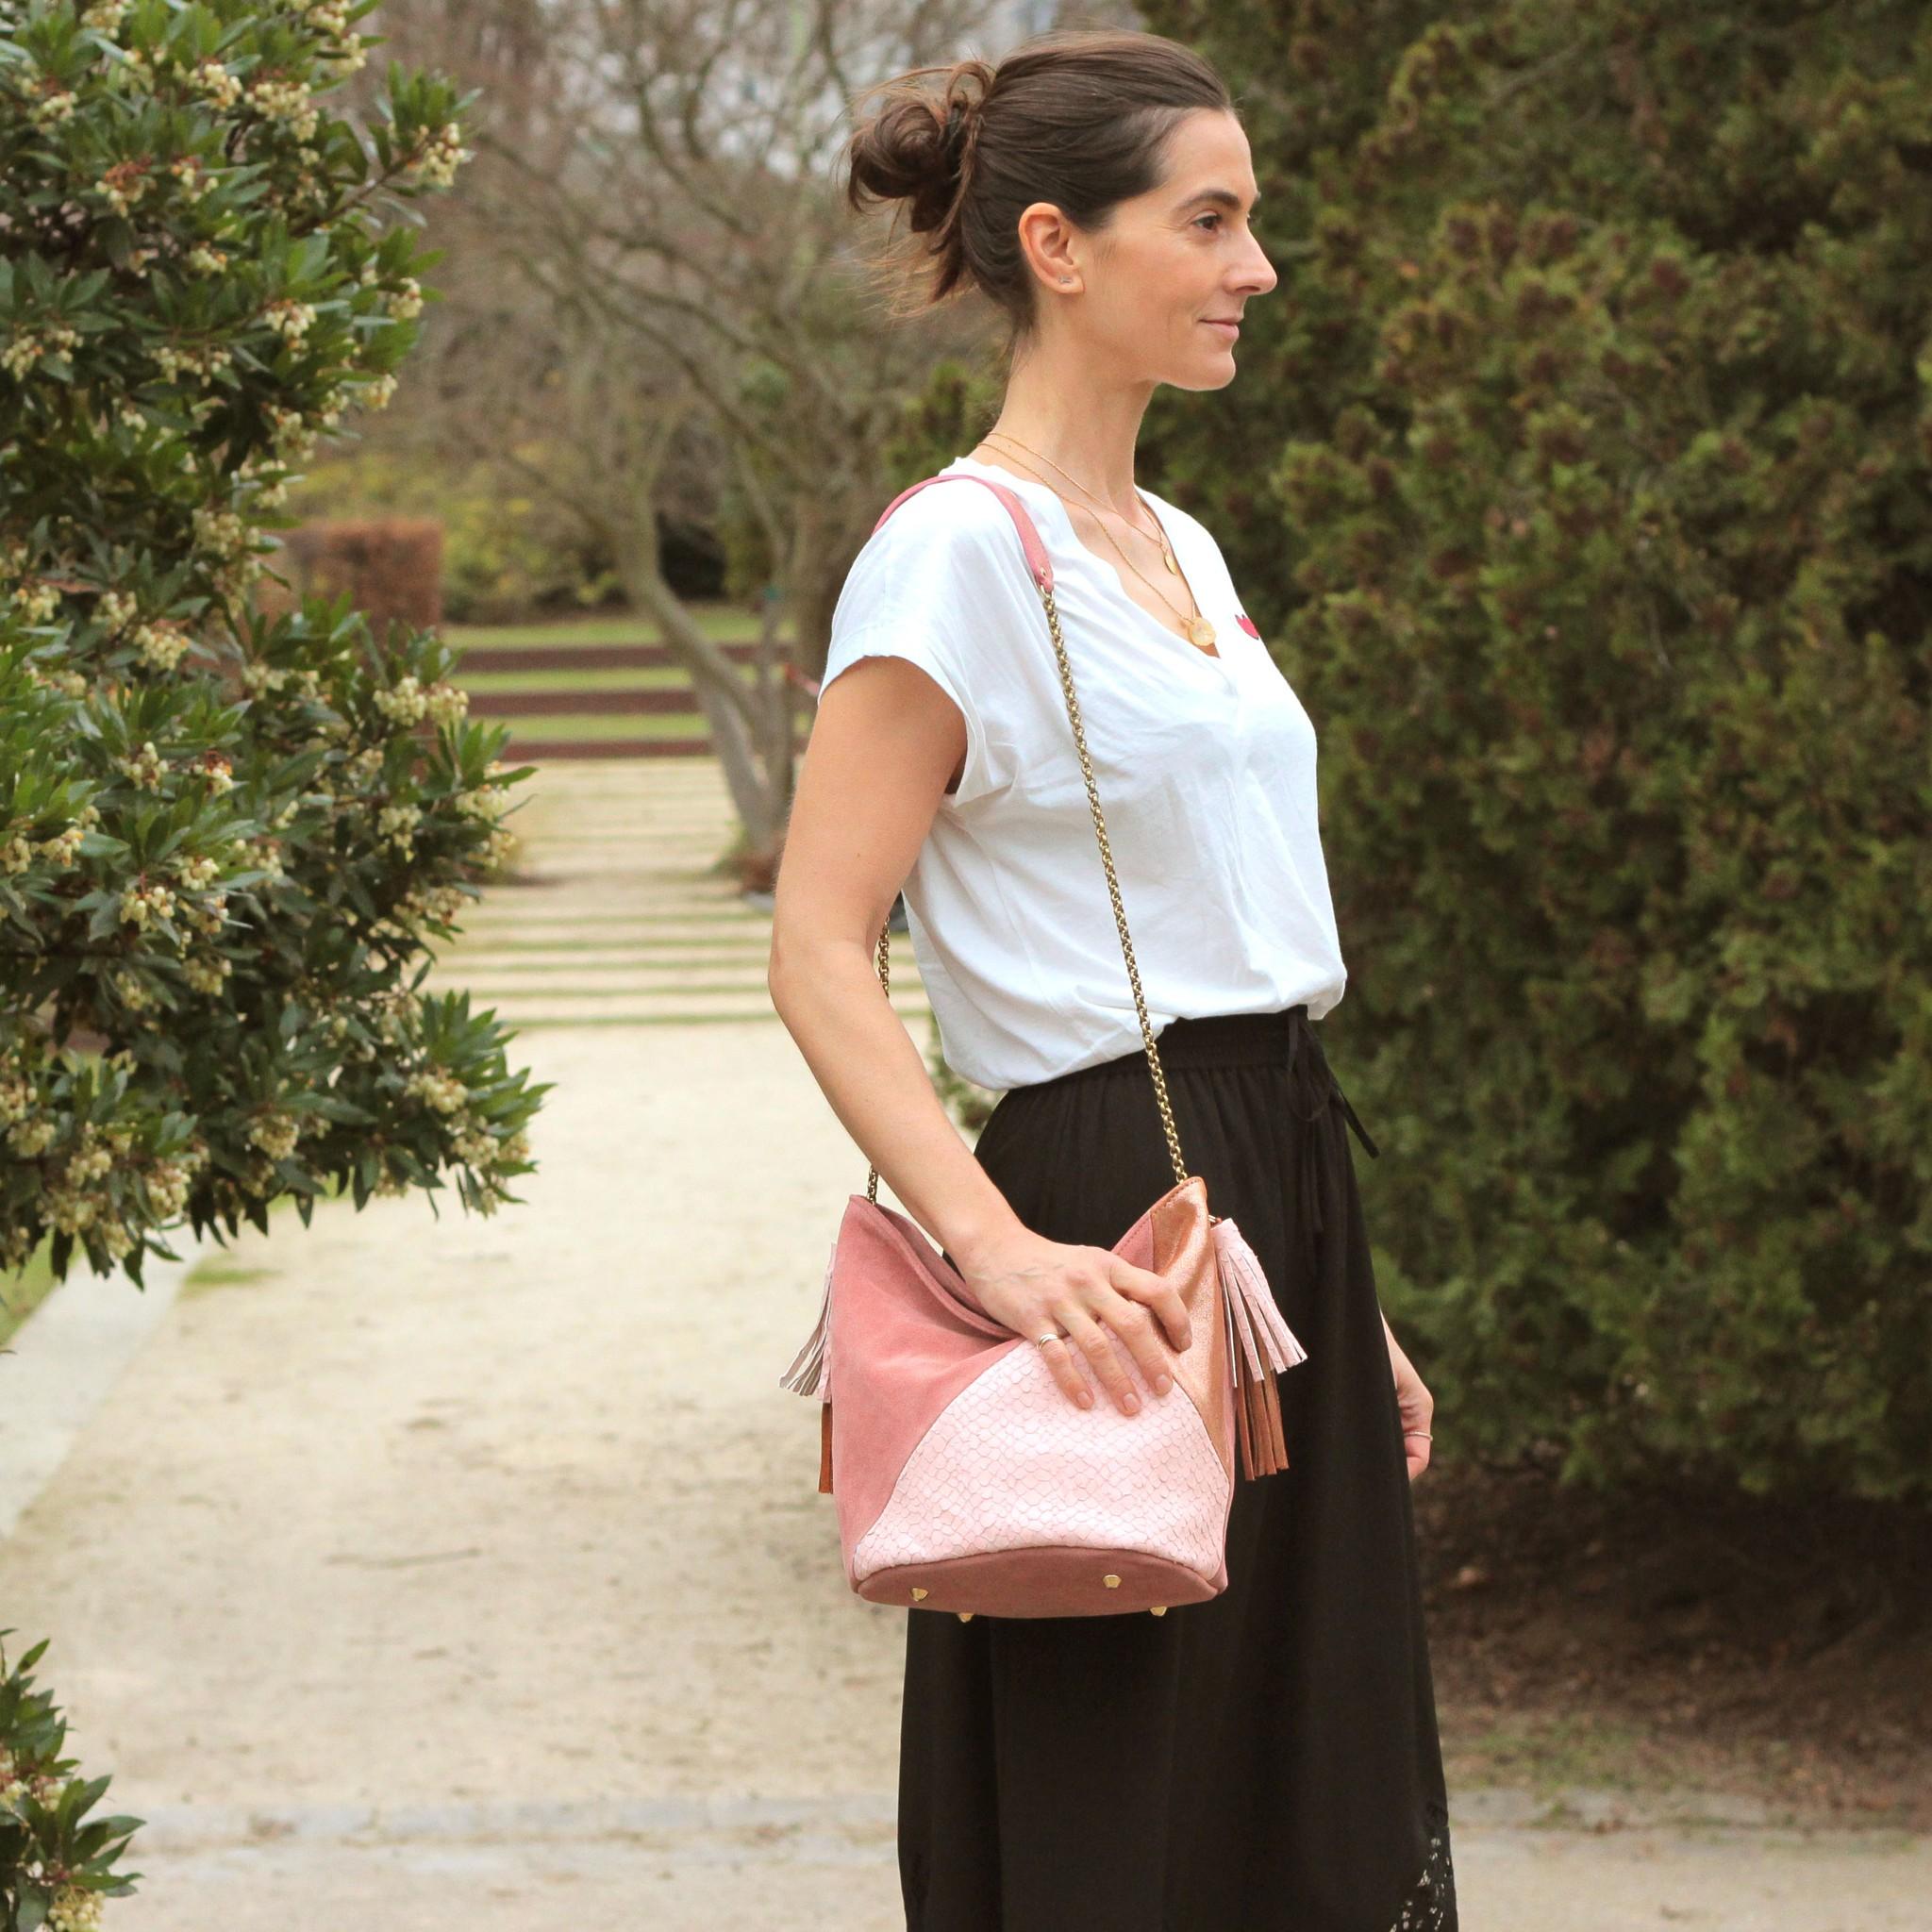 RoseMarySuzy GRETAのバケツバッグはフリンジ付きでボヘミアンスタイル